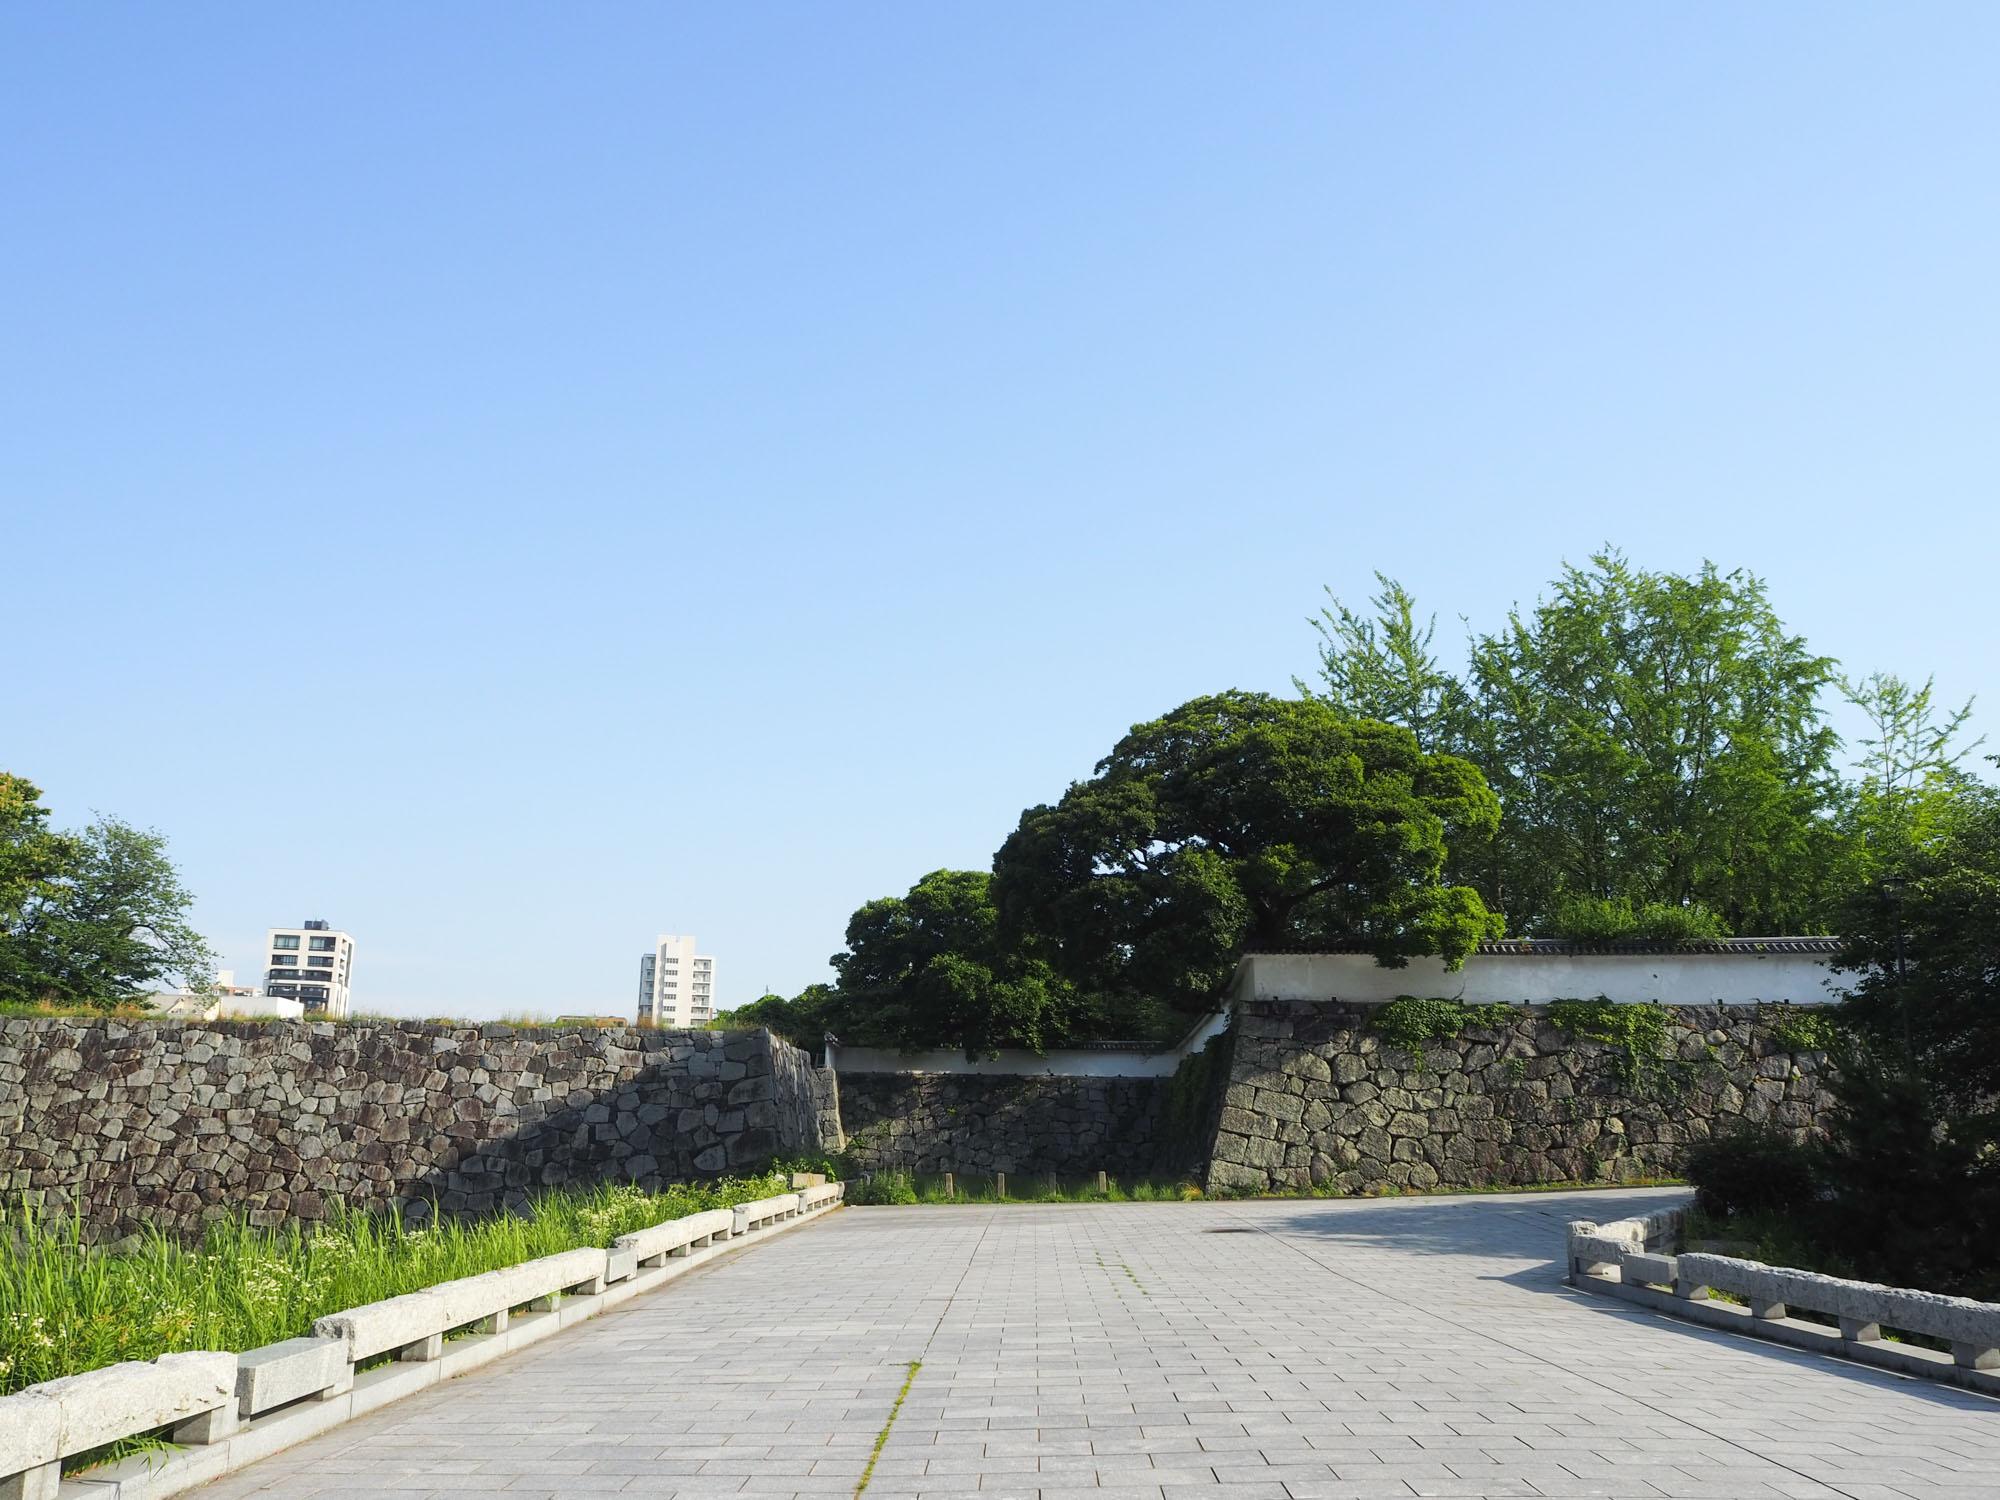 正門と広場を抜け、天守台跡を目指しましょう。